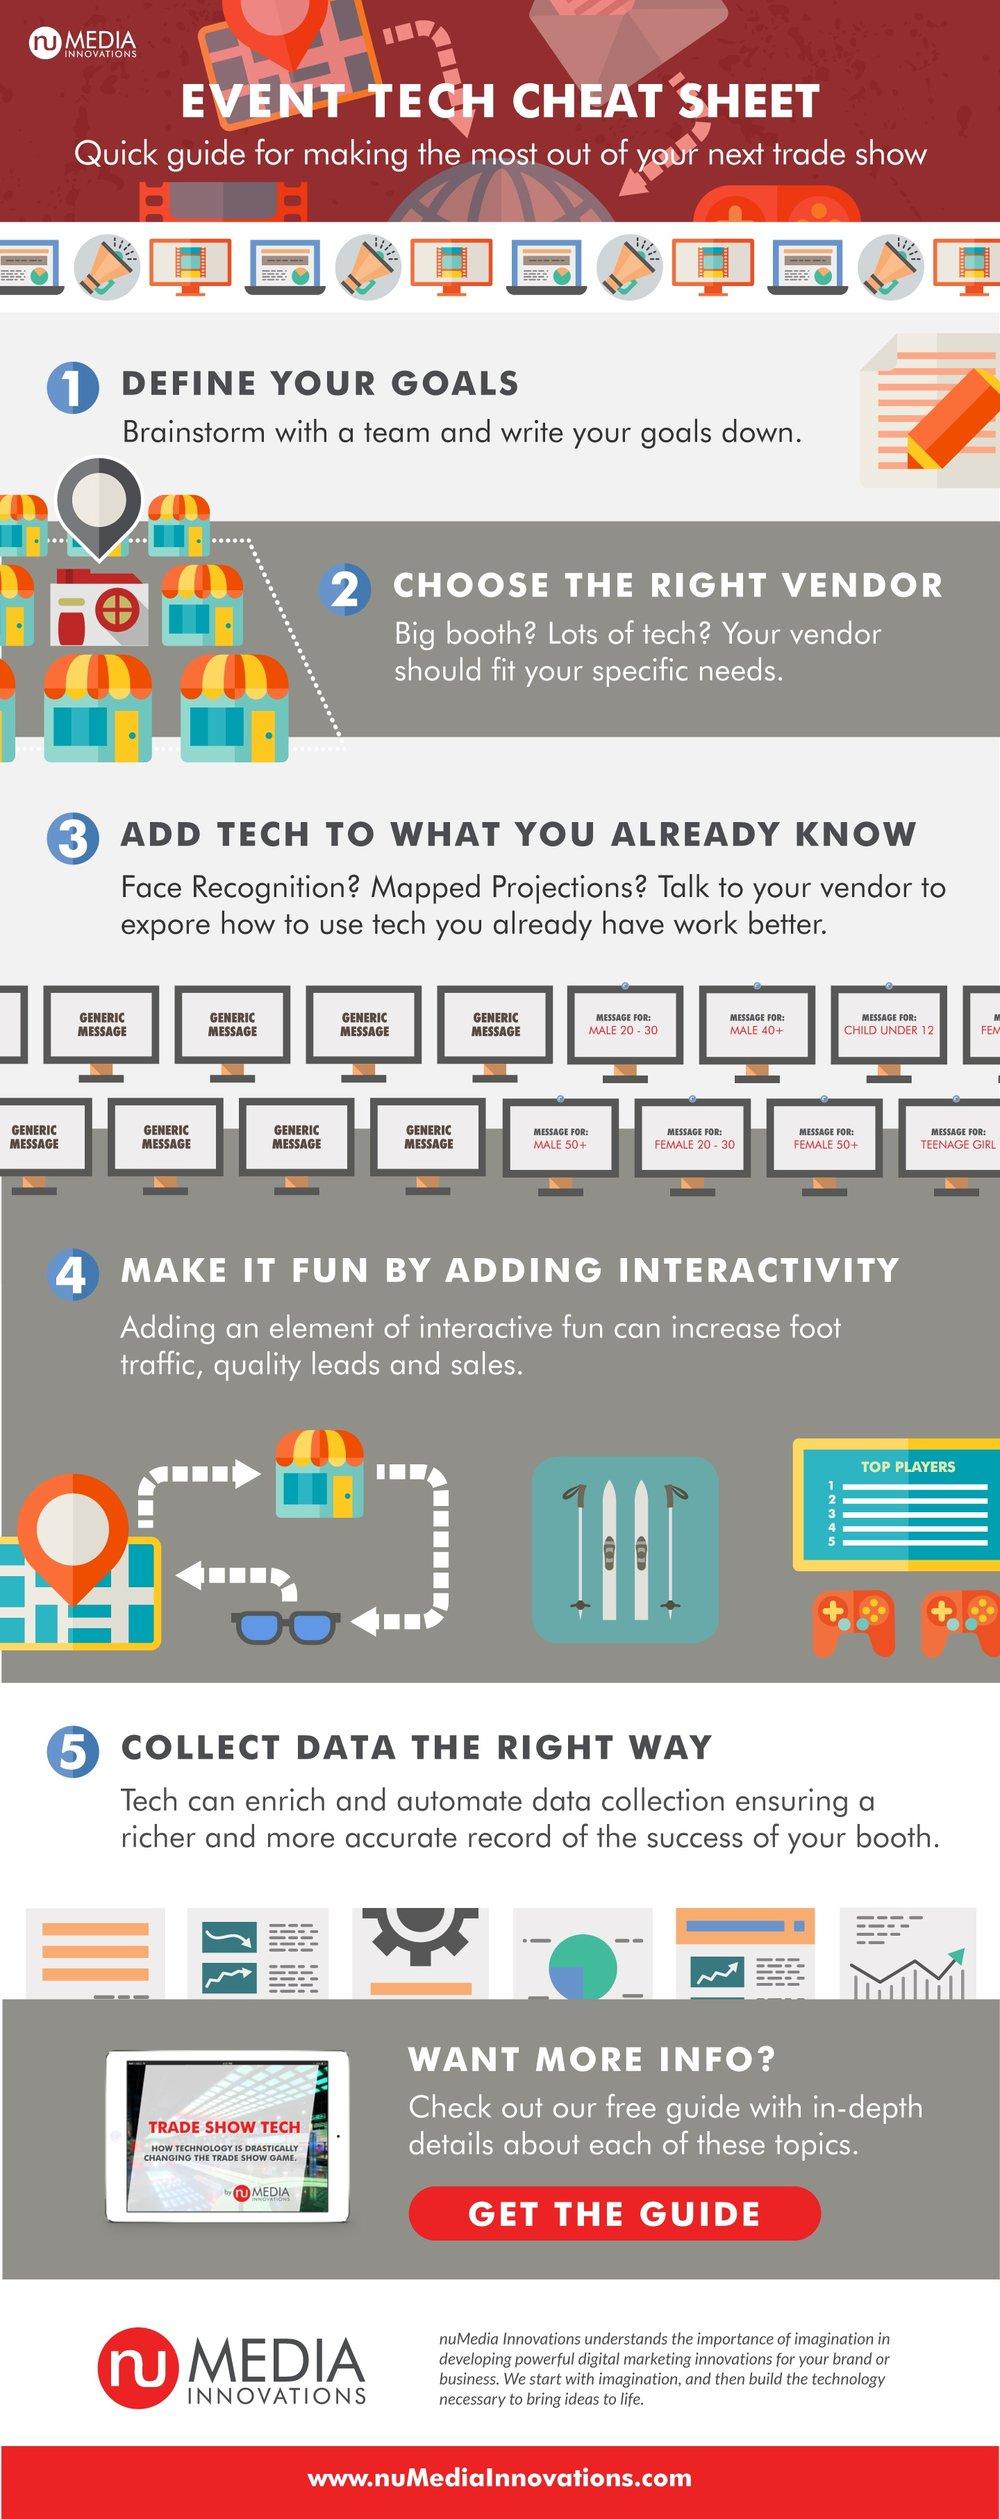 08-2016_TradeShowTech-Infographic_v2-01.jpg